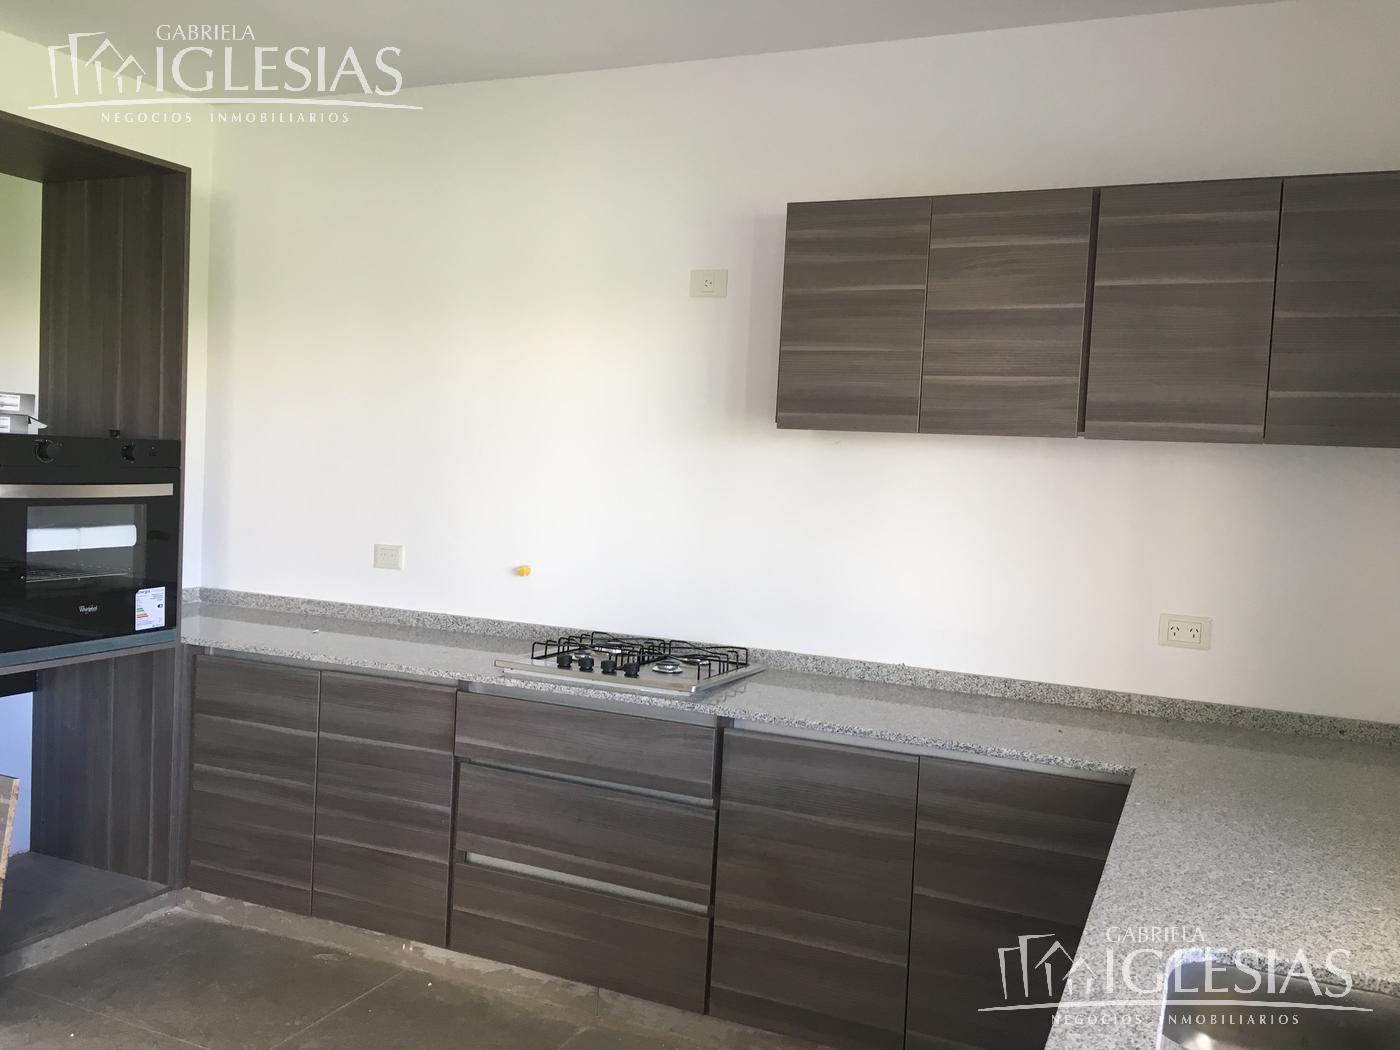 Casa en Venta en Nordelta Los Lagos a Venta - u$s 390.000